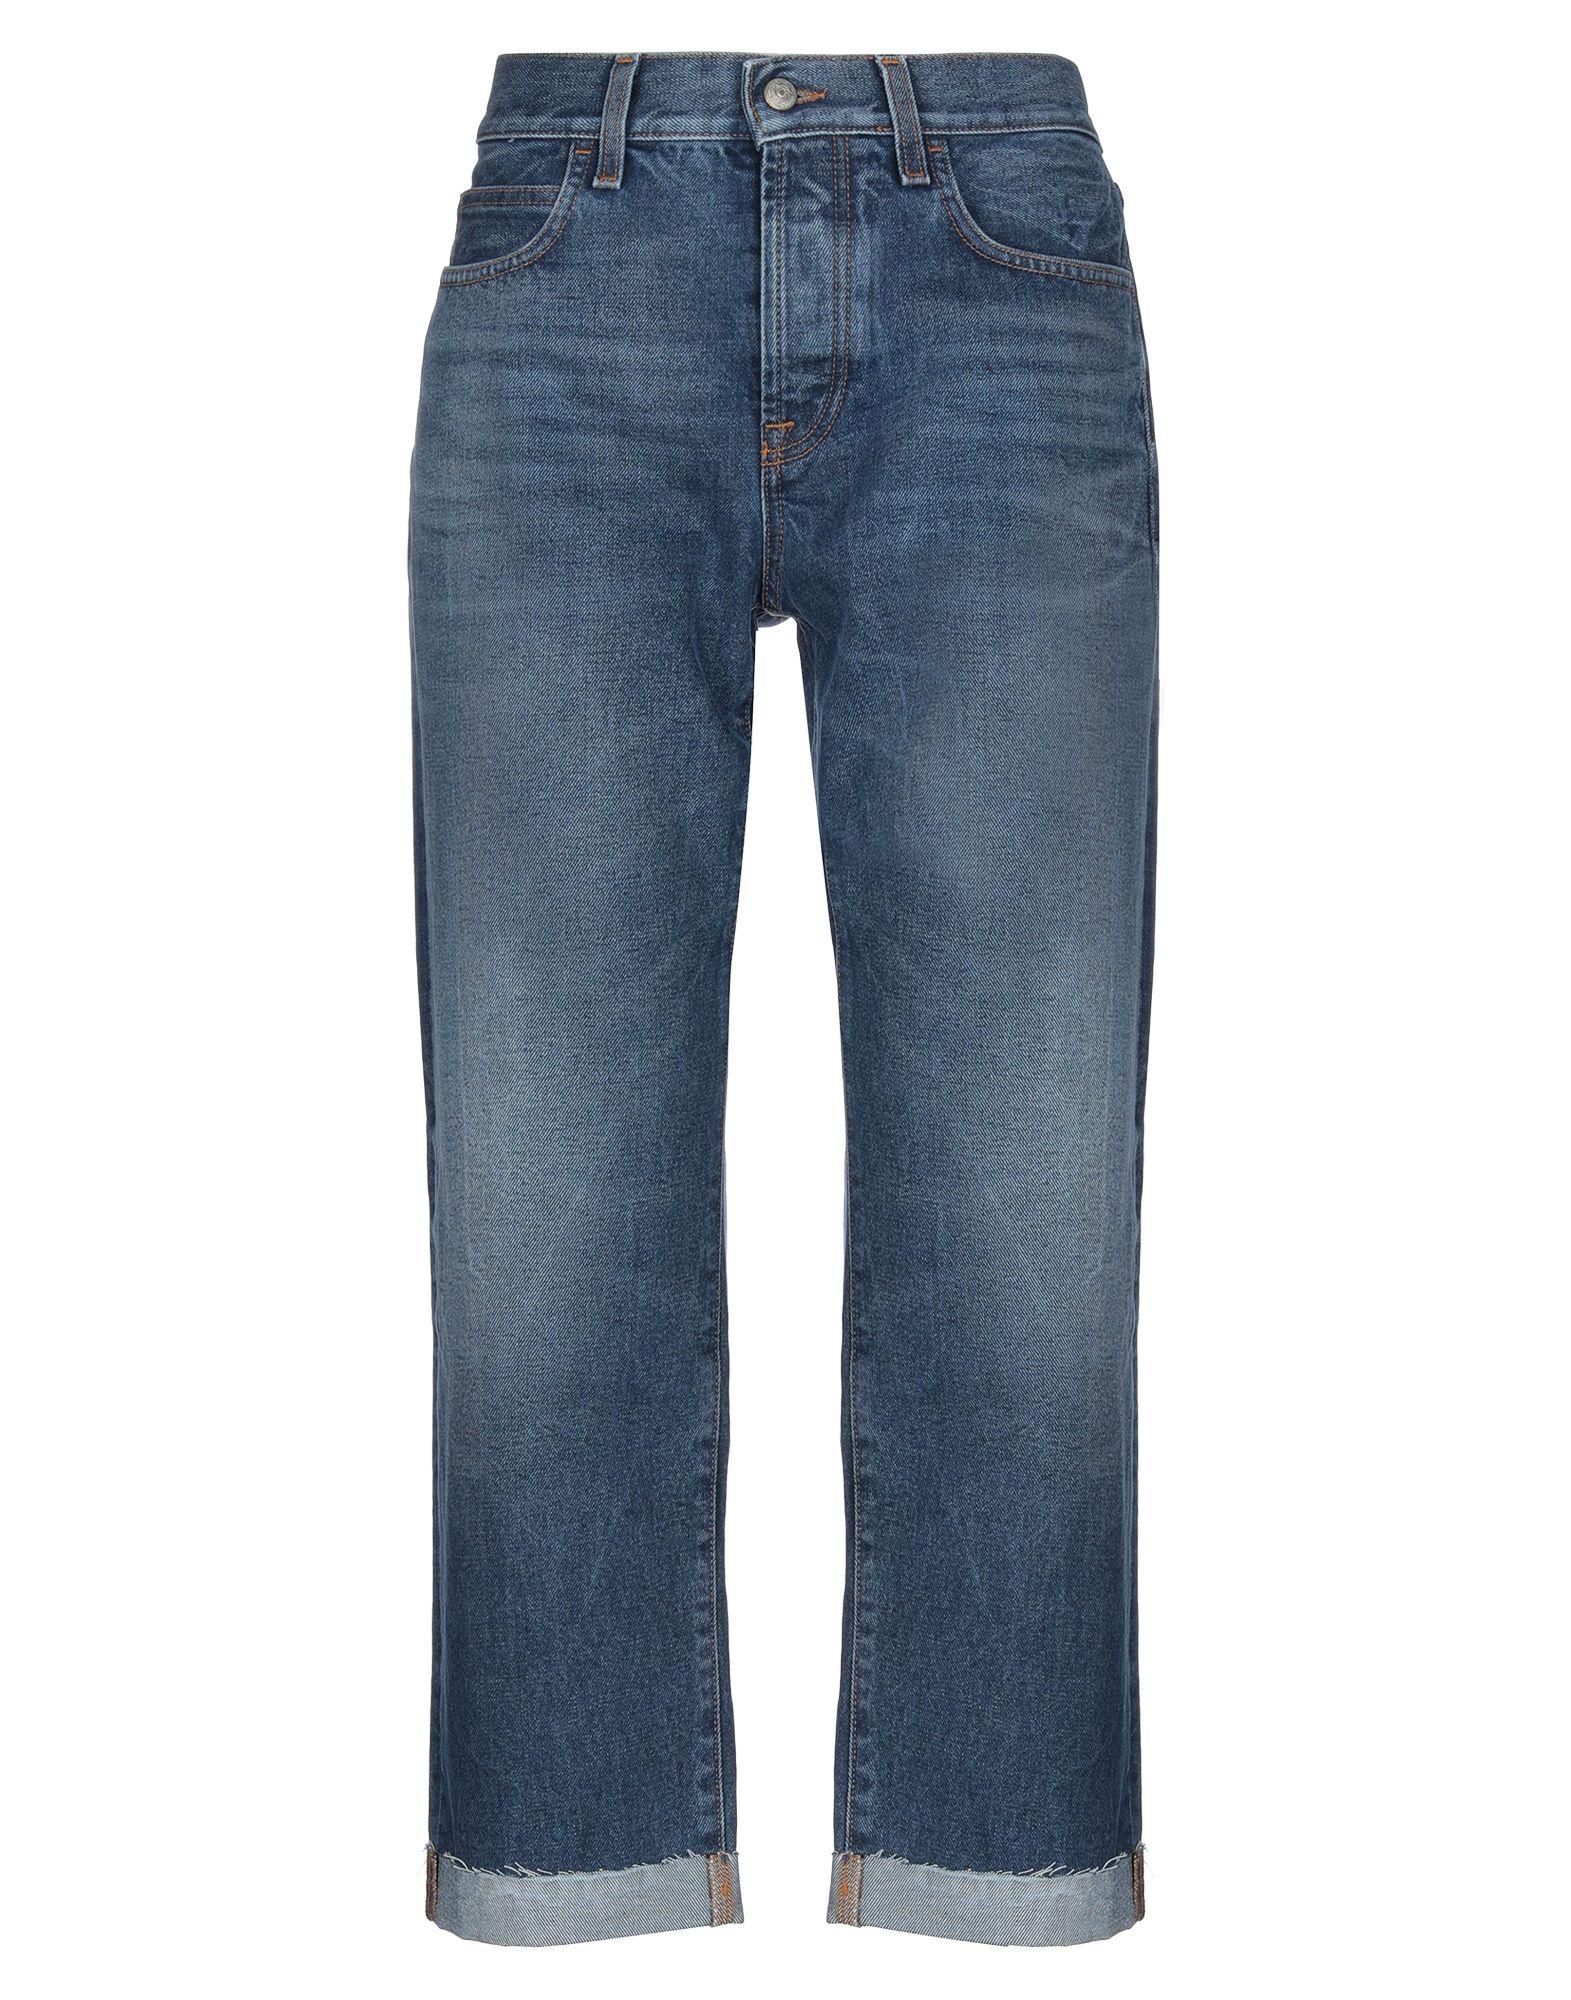 Фото - ROŸ ROGER'S Джинсовые брюки roÿ roger s джинсовые бермуды